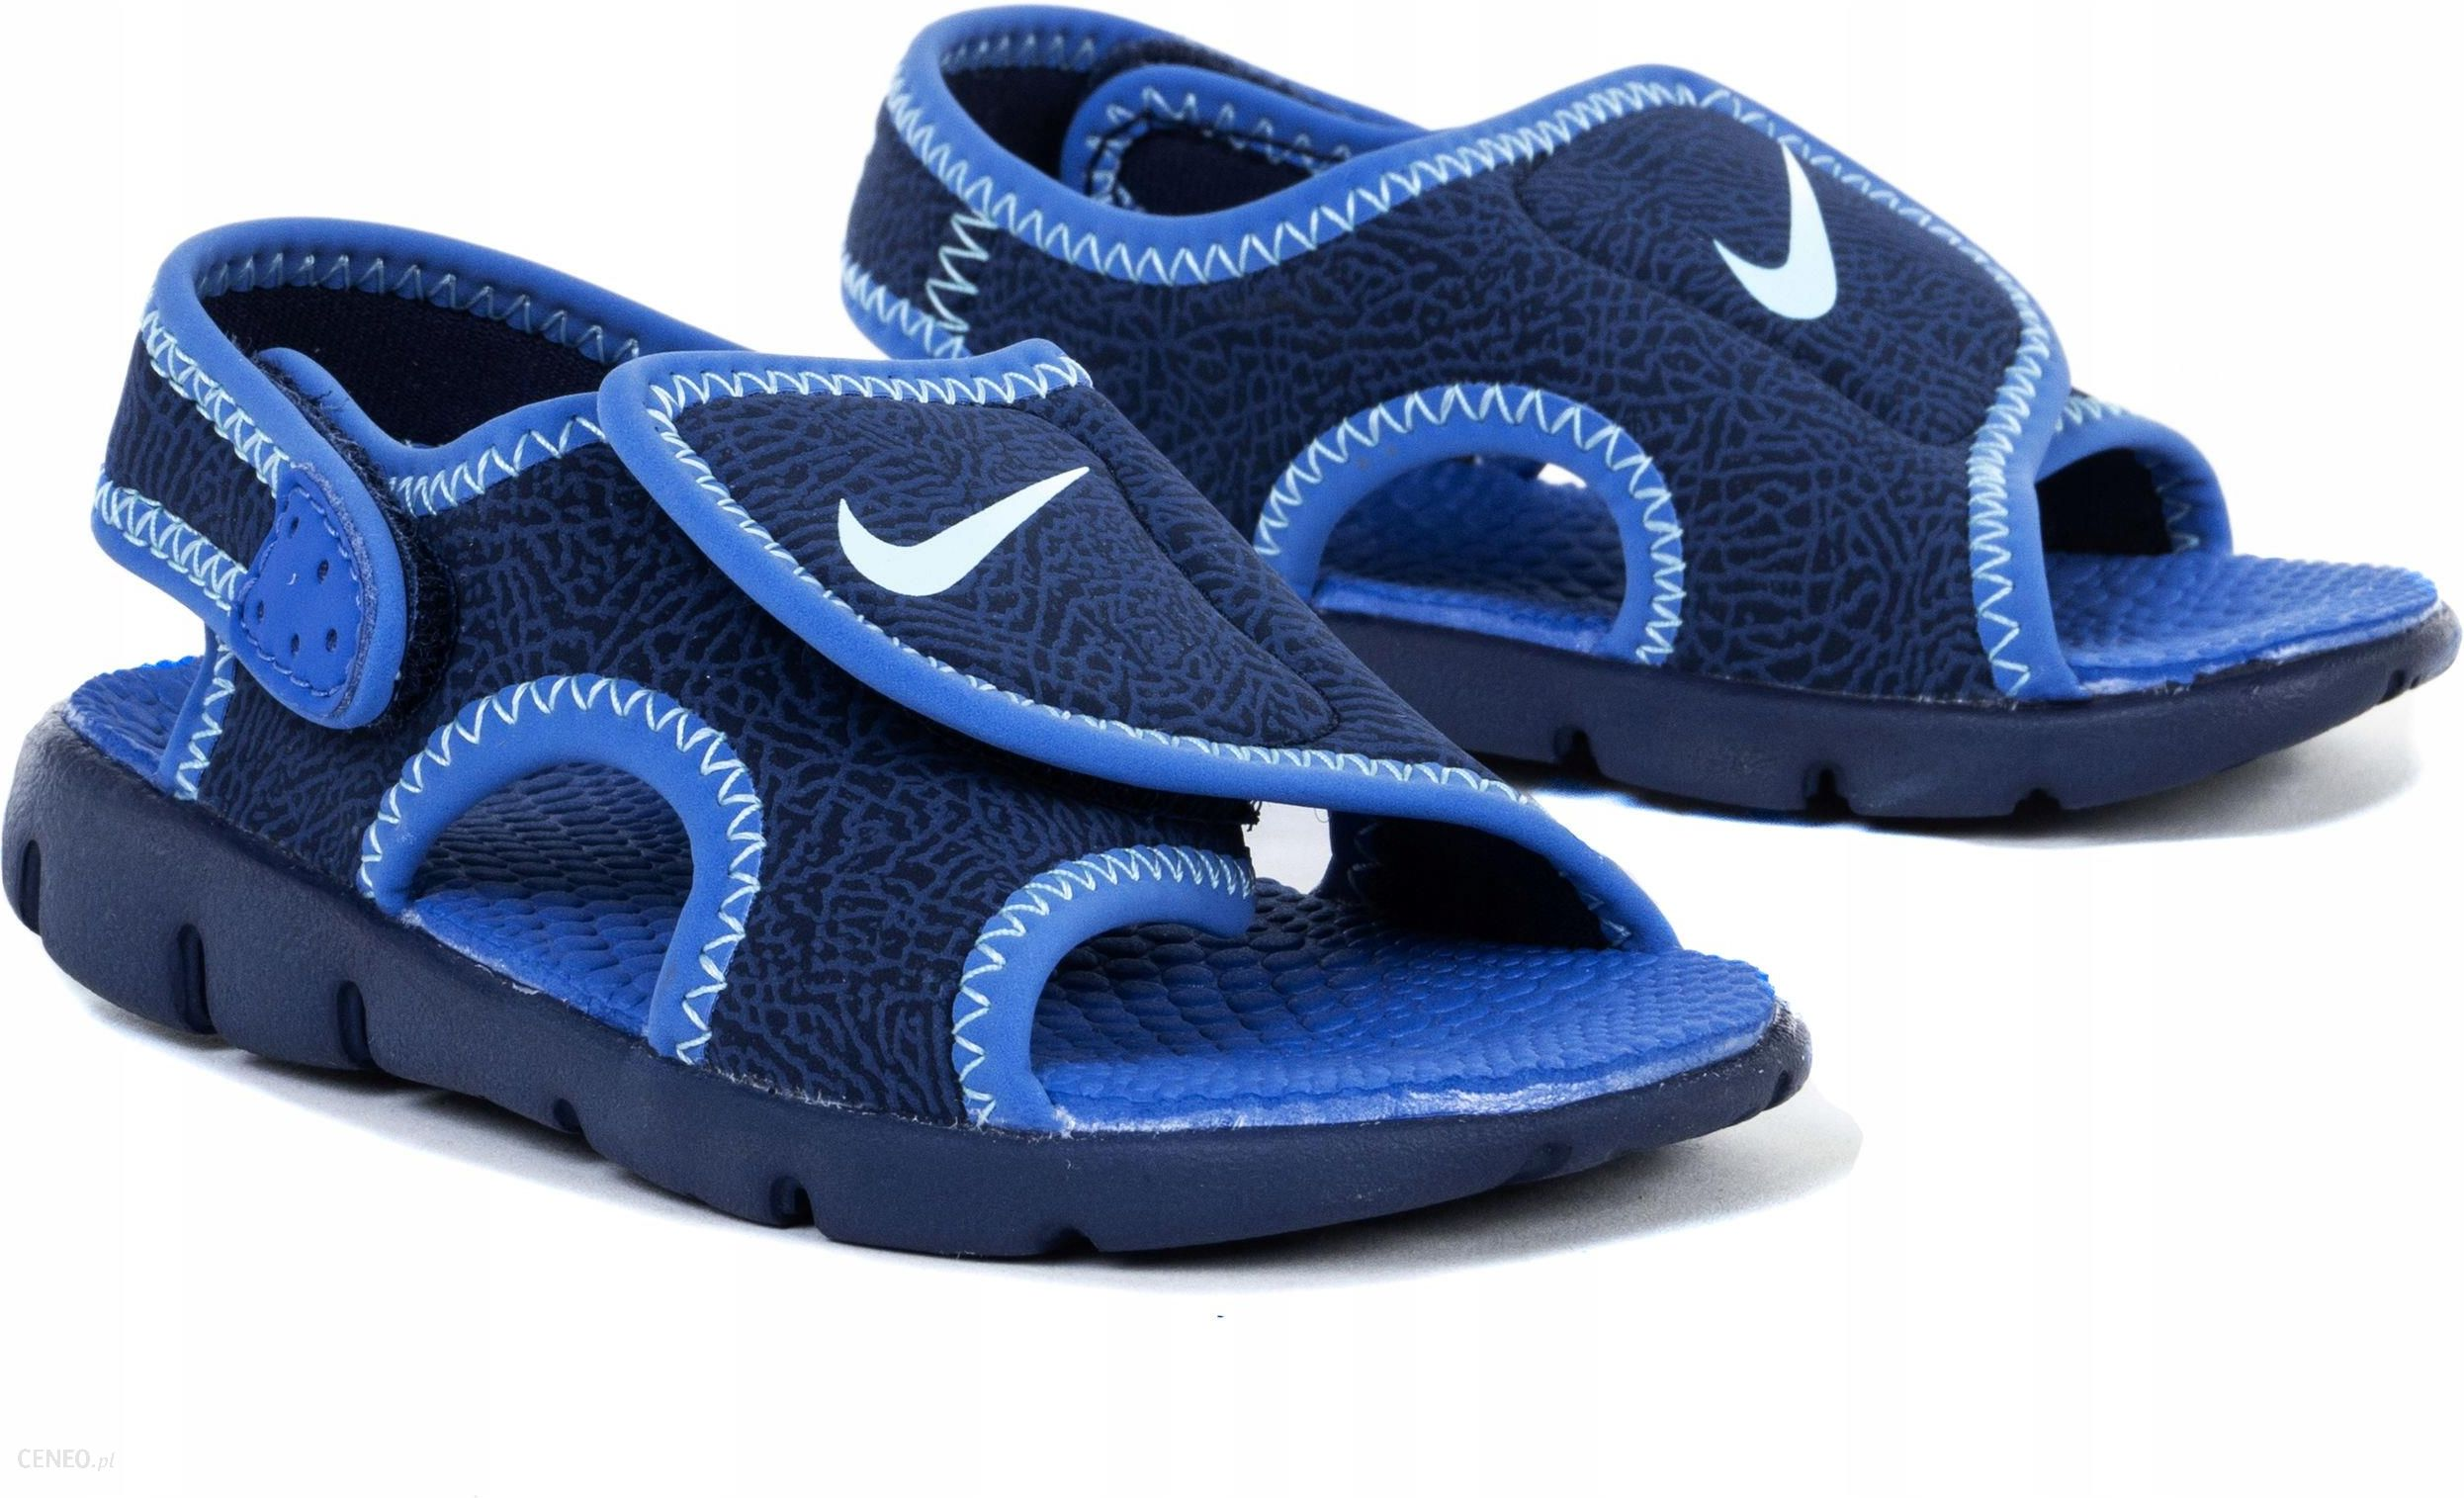 Sandałki Nike Sunray 386519 413 Granatowe R. 21 Ceny i opinie Ceneo.pl